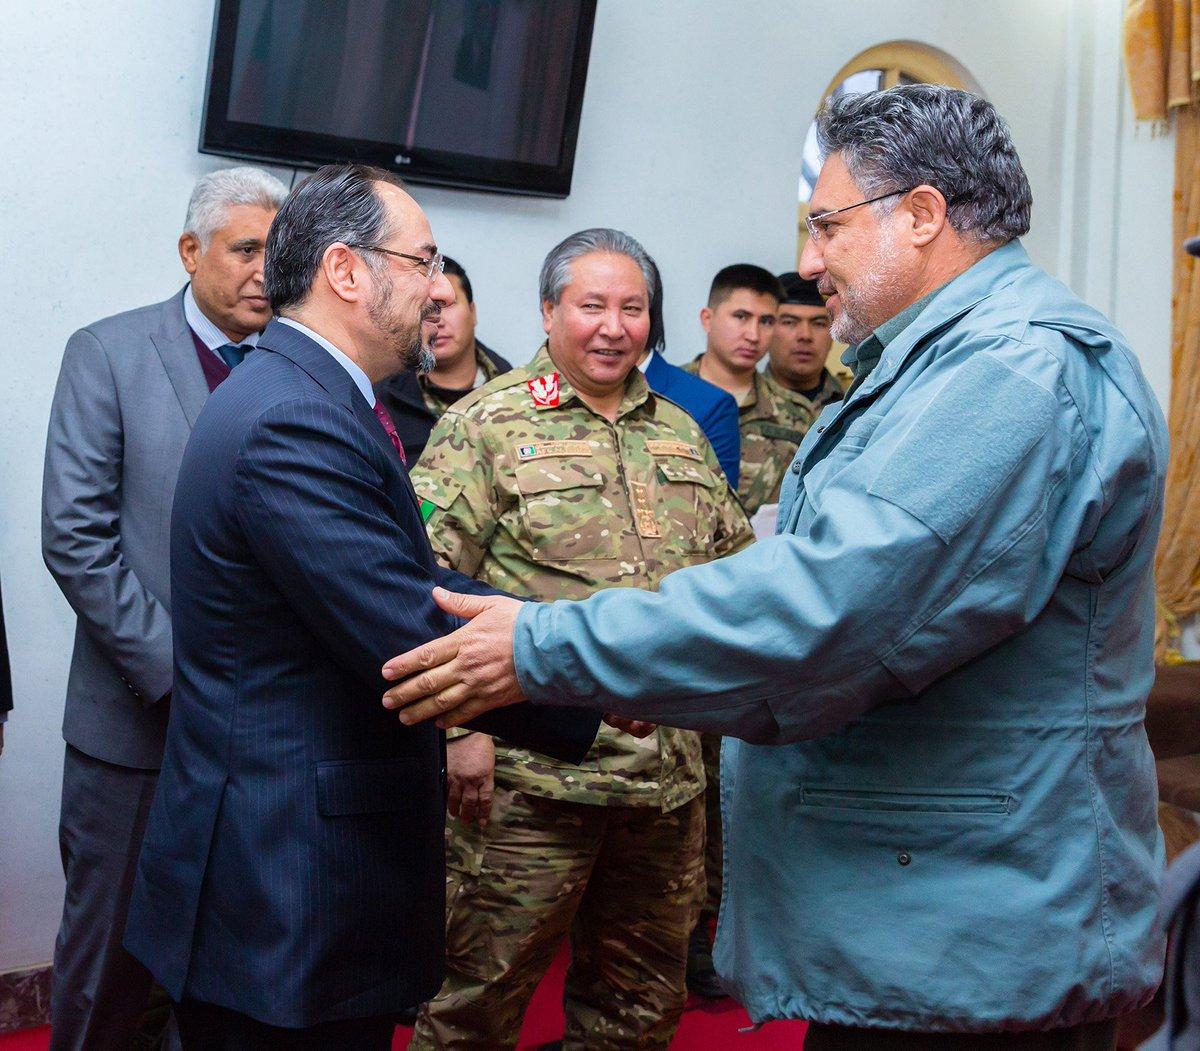 تدویر نشست کمیسیون هماهنگی امنیتی و تشری�اتی مراسم ا�تتاح کار عملی پروژه تاپی در خاک ا�غانستان